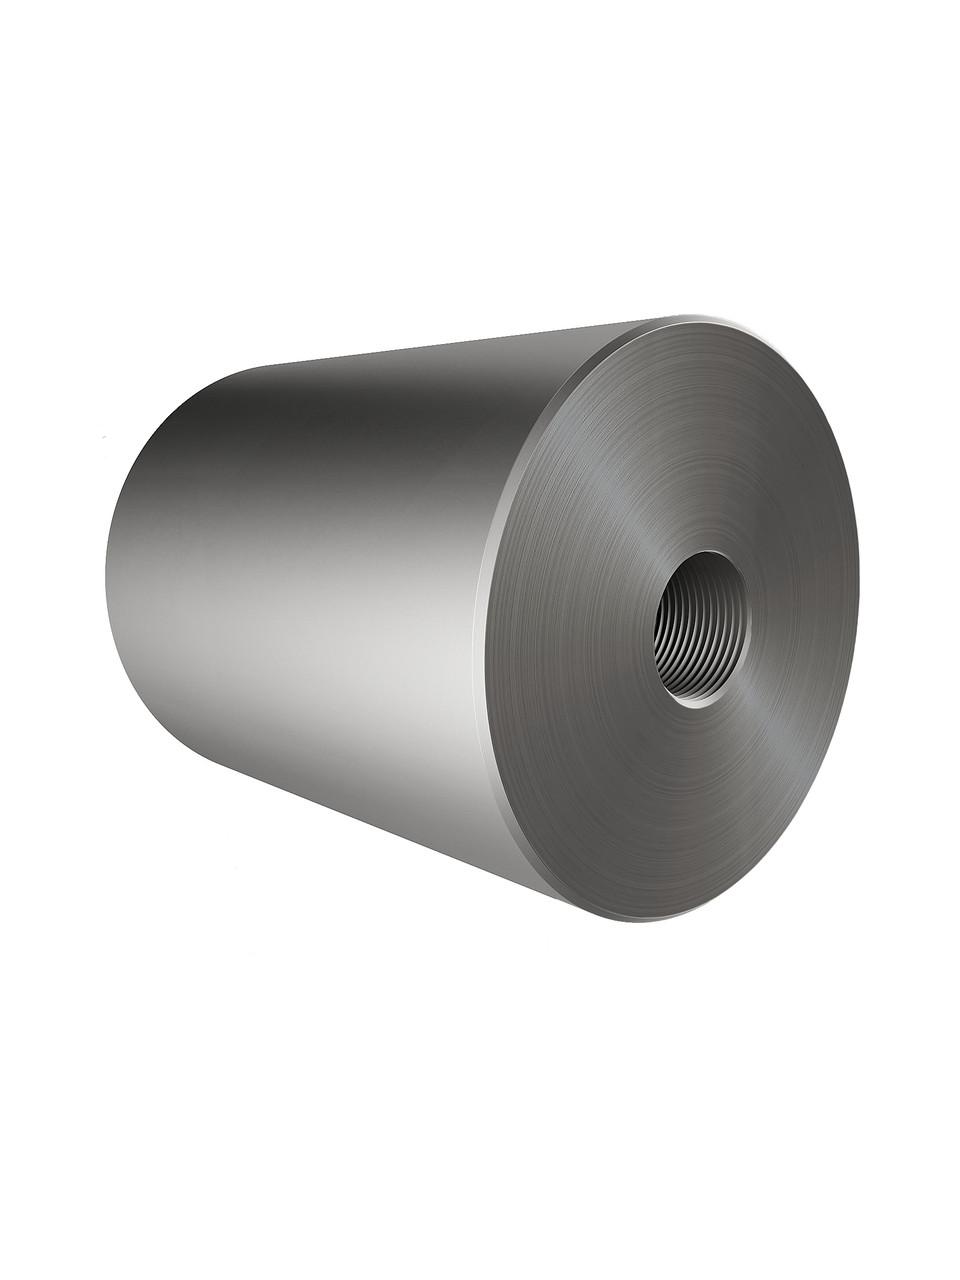 ODF-06-25-01-L50 Дистанція 50 мм для коннектора діаметром 40 мм з різьбою М8